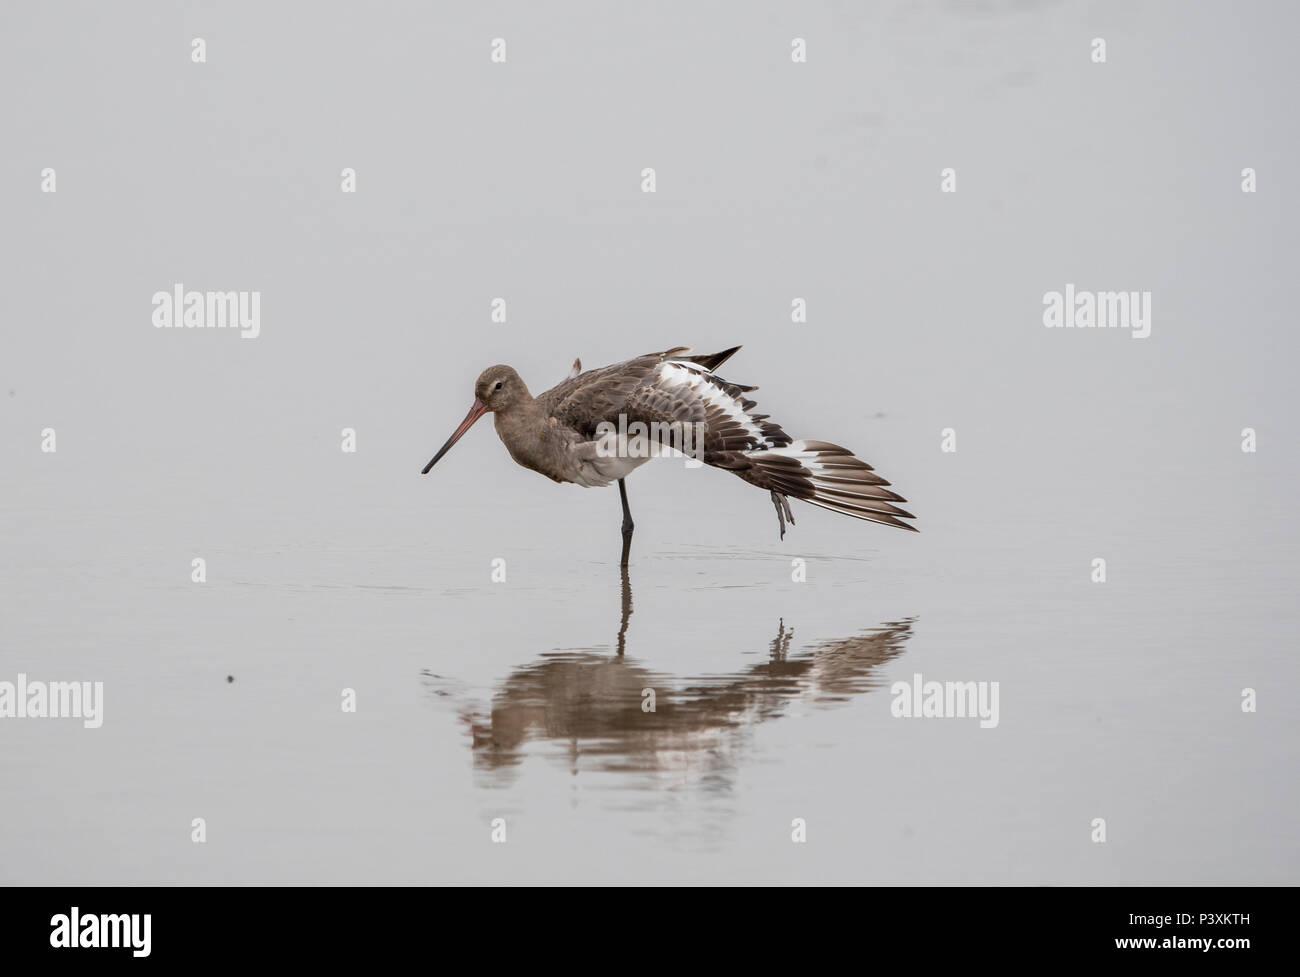 Eine schwarze tailed Godwit Wader im Wasser in ein weiches Licht mit Reflektion Stockbild